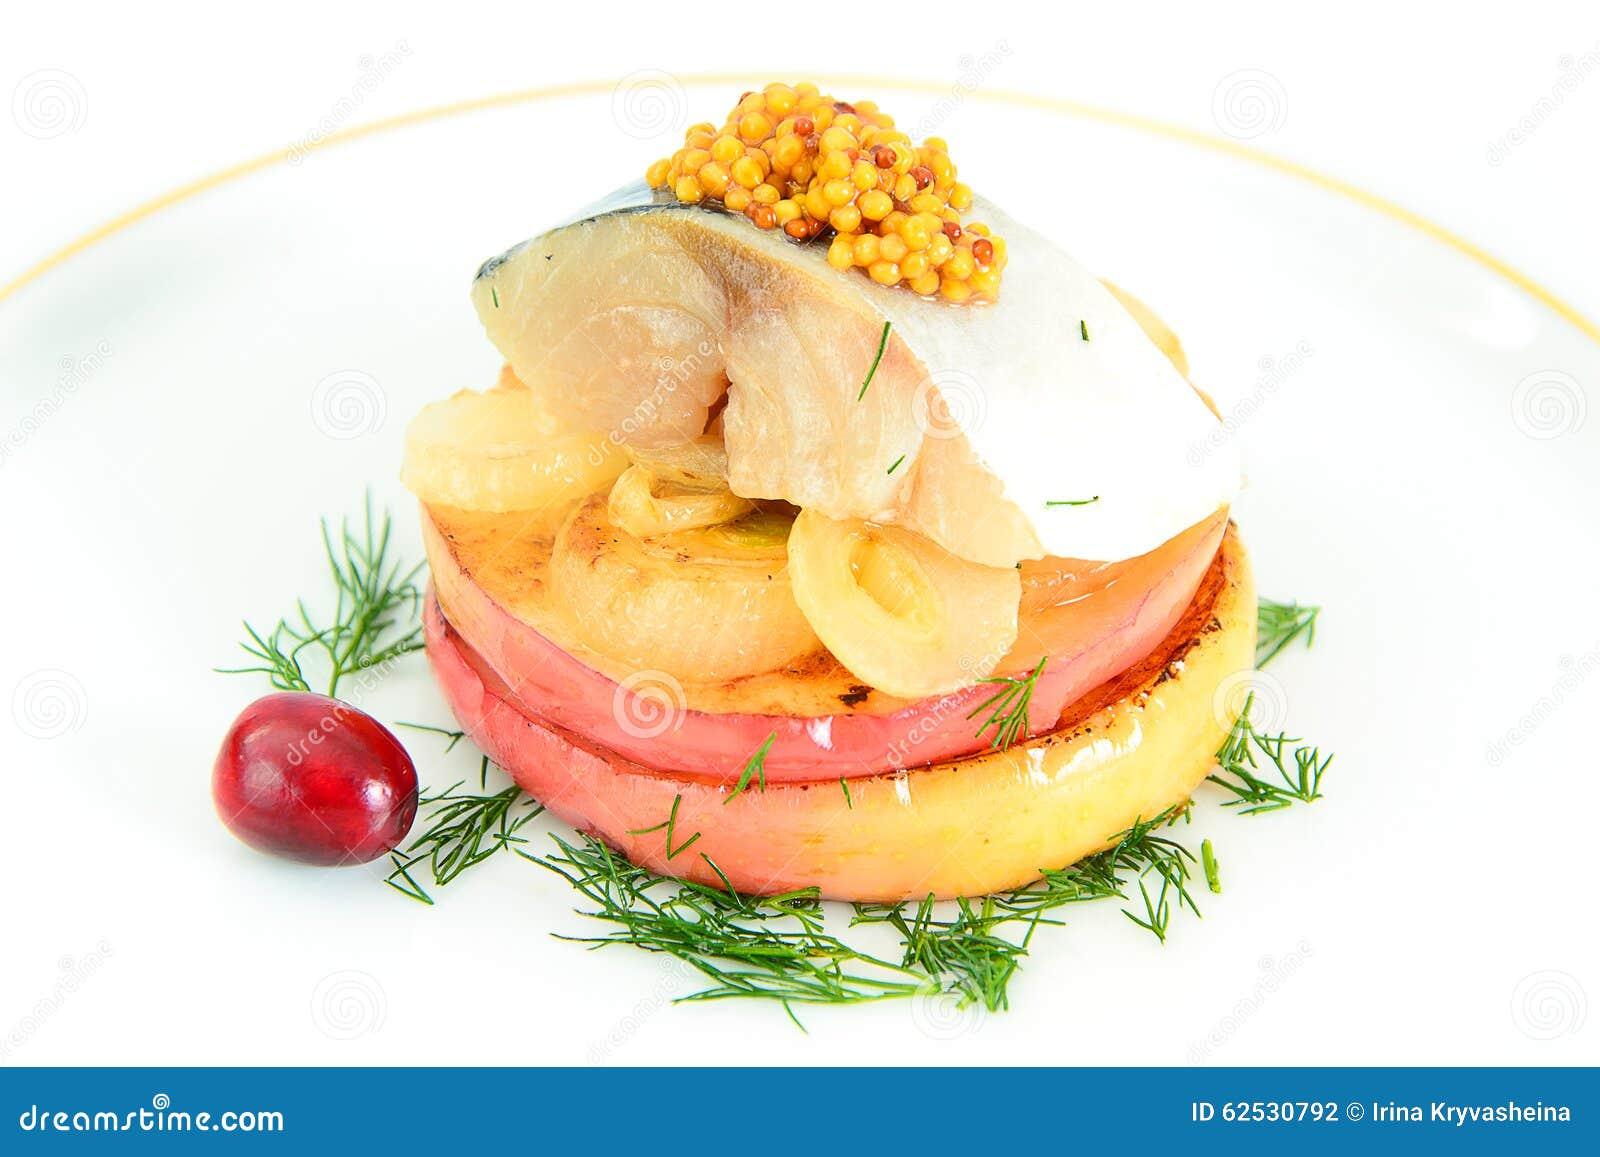 盐与苹果计算机和葱的用卤汁泡的鲭鱼